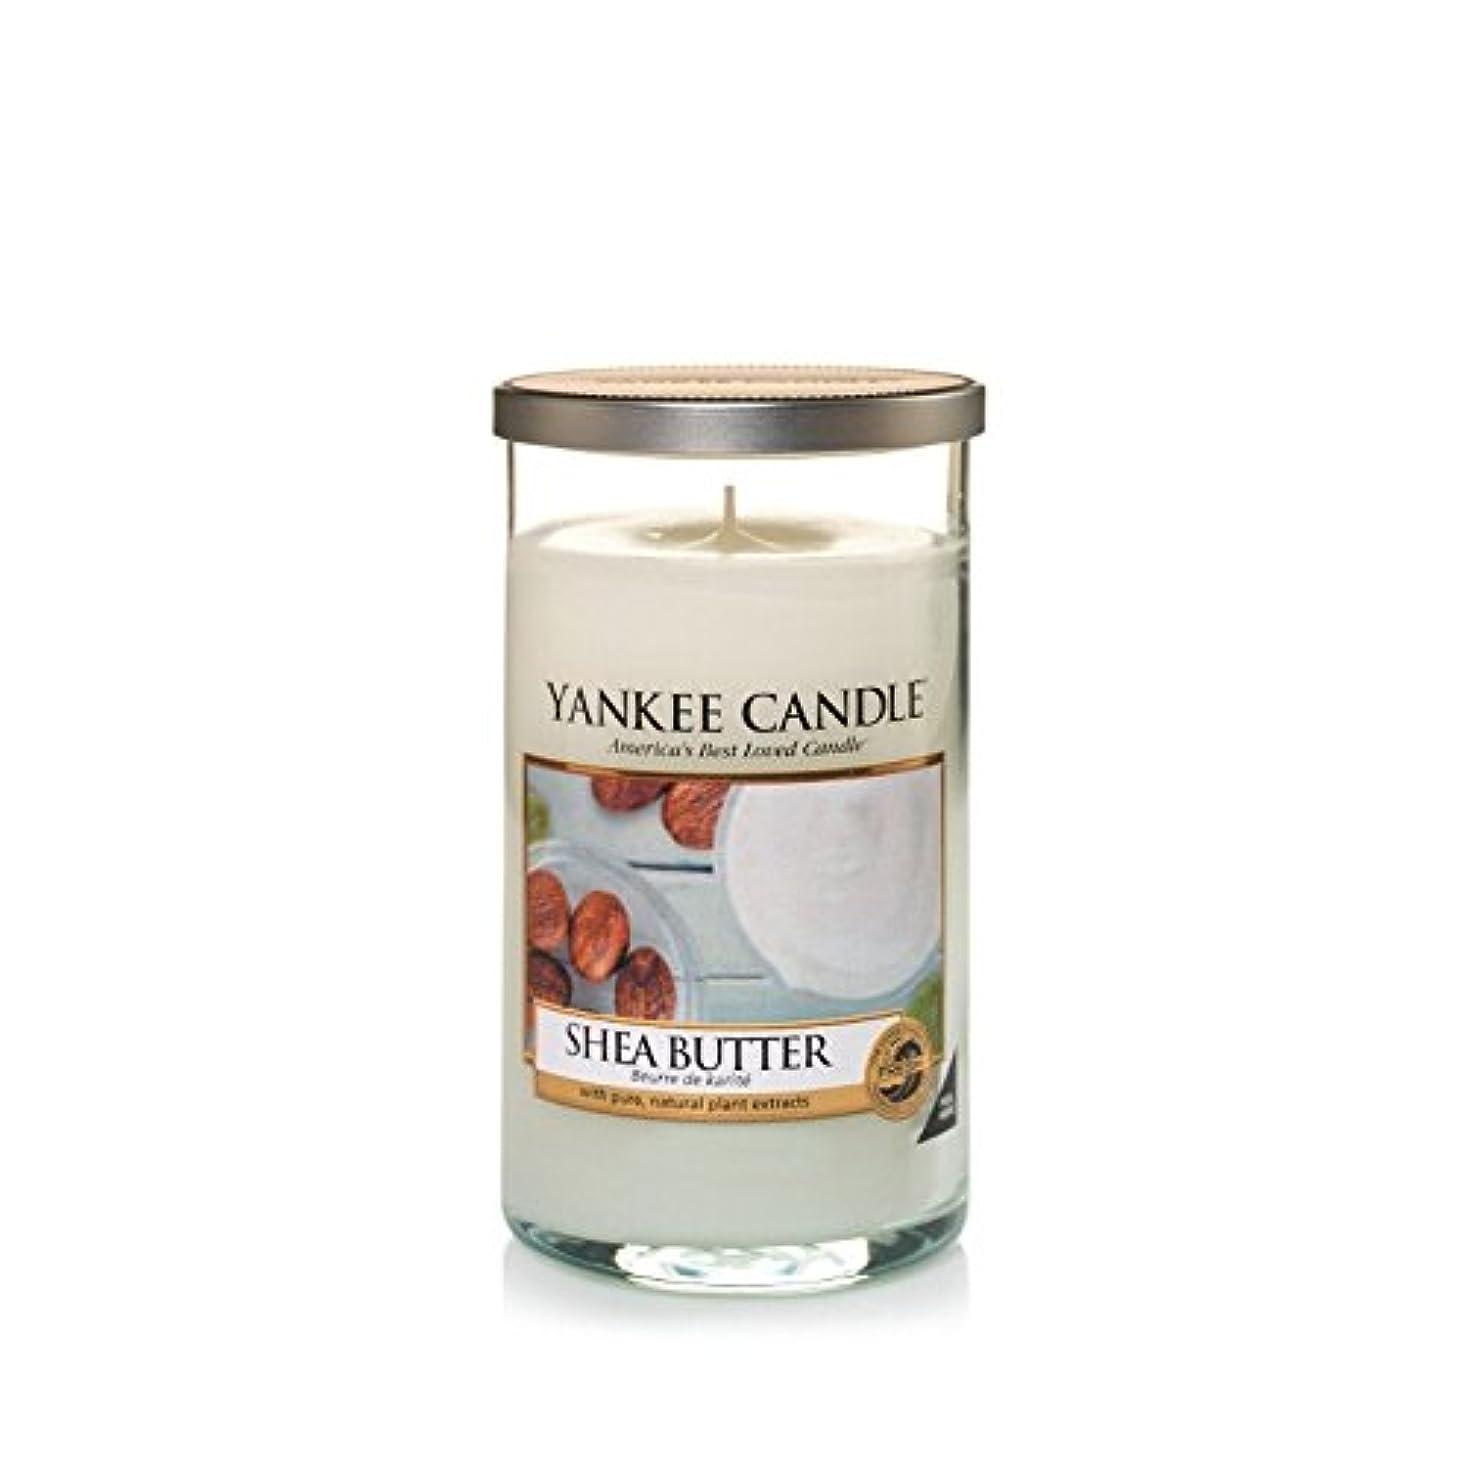 雪だるま露骨な入浴Yankee Candles Medium Pillar Candle - Shea Butter (Pack of 6) - ヤンキーキャンドルメディアピラーキャンドル - シアバター (x6) [並行輸入品]